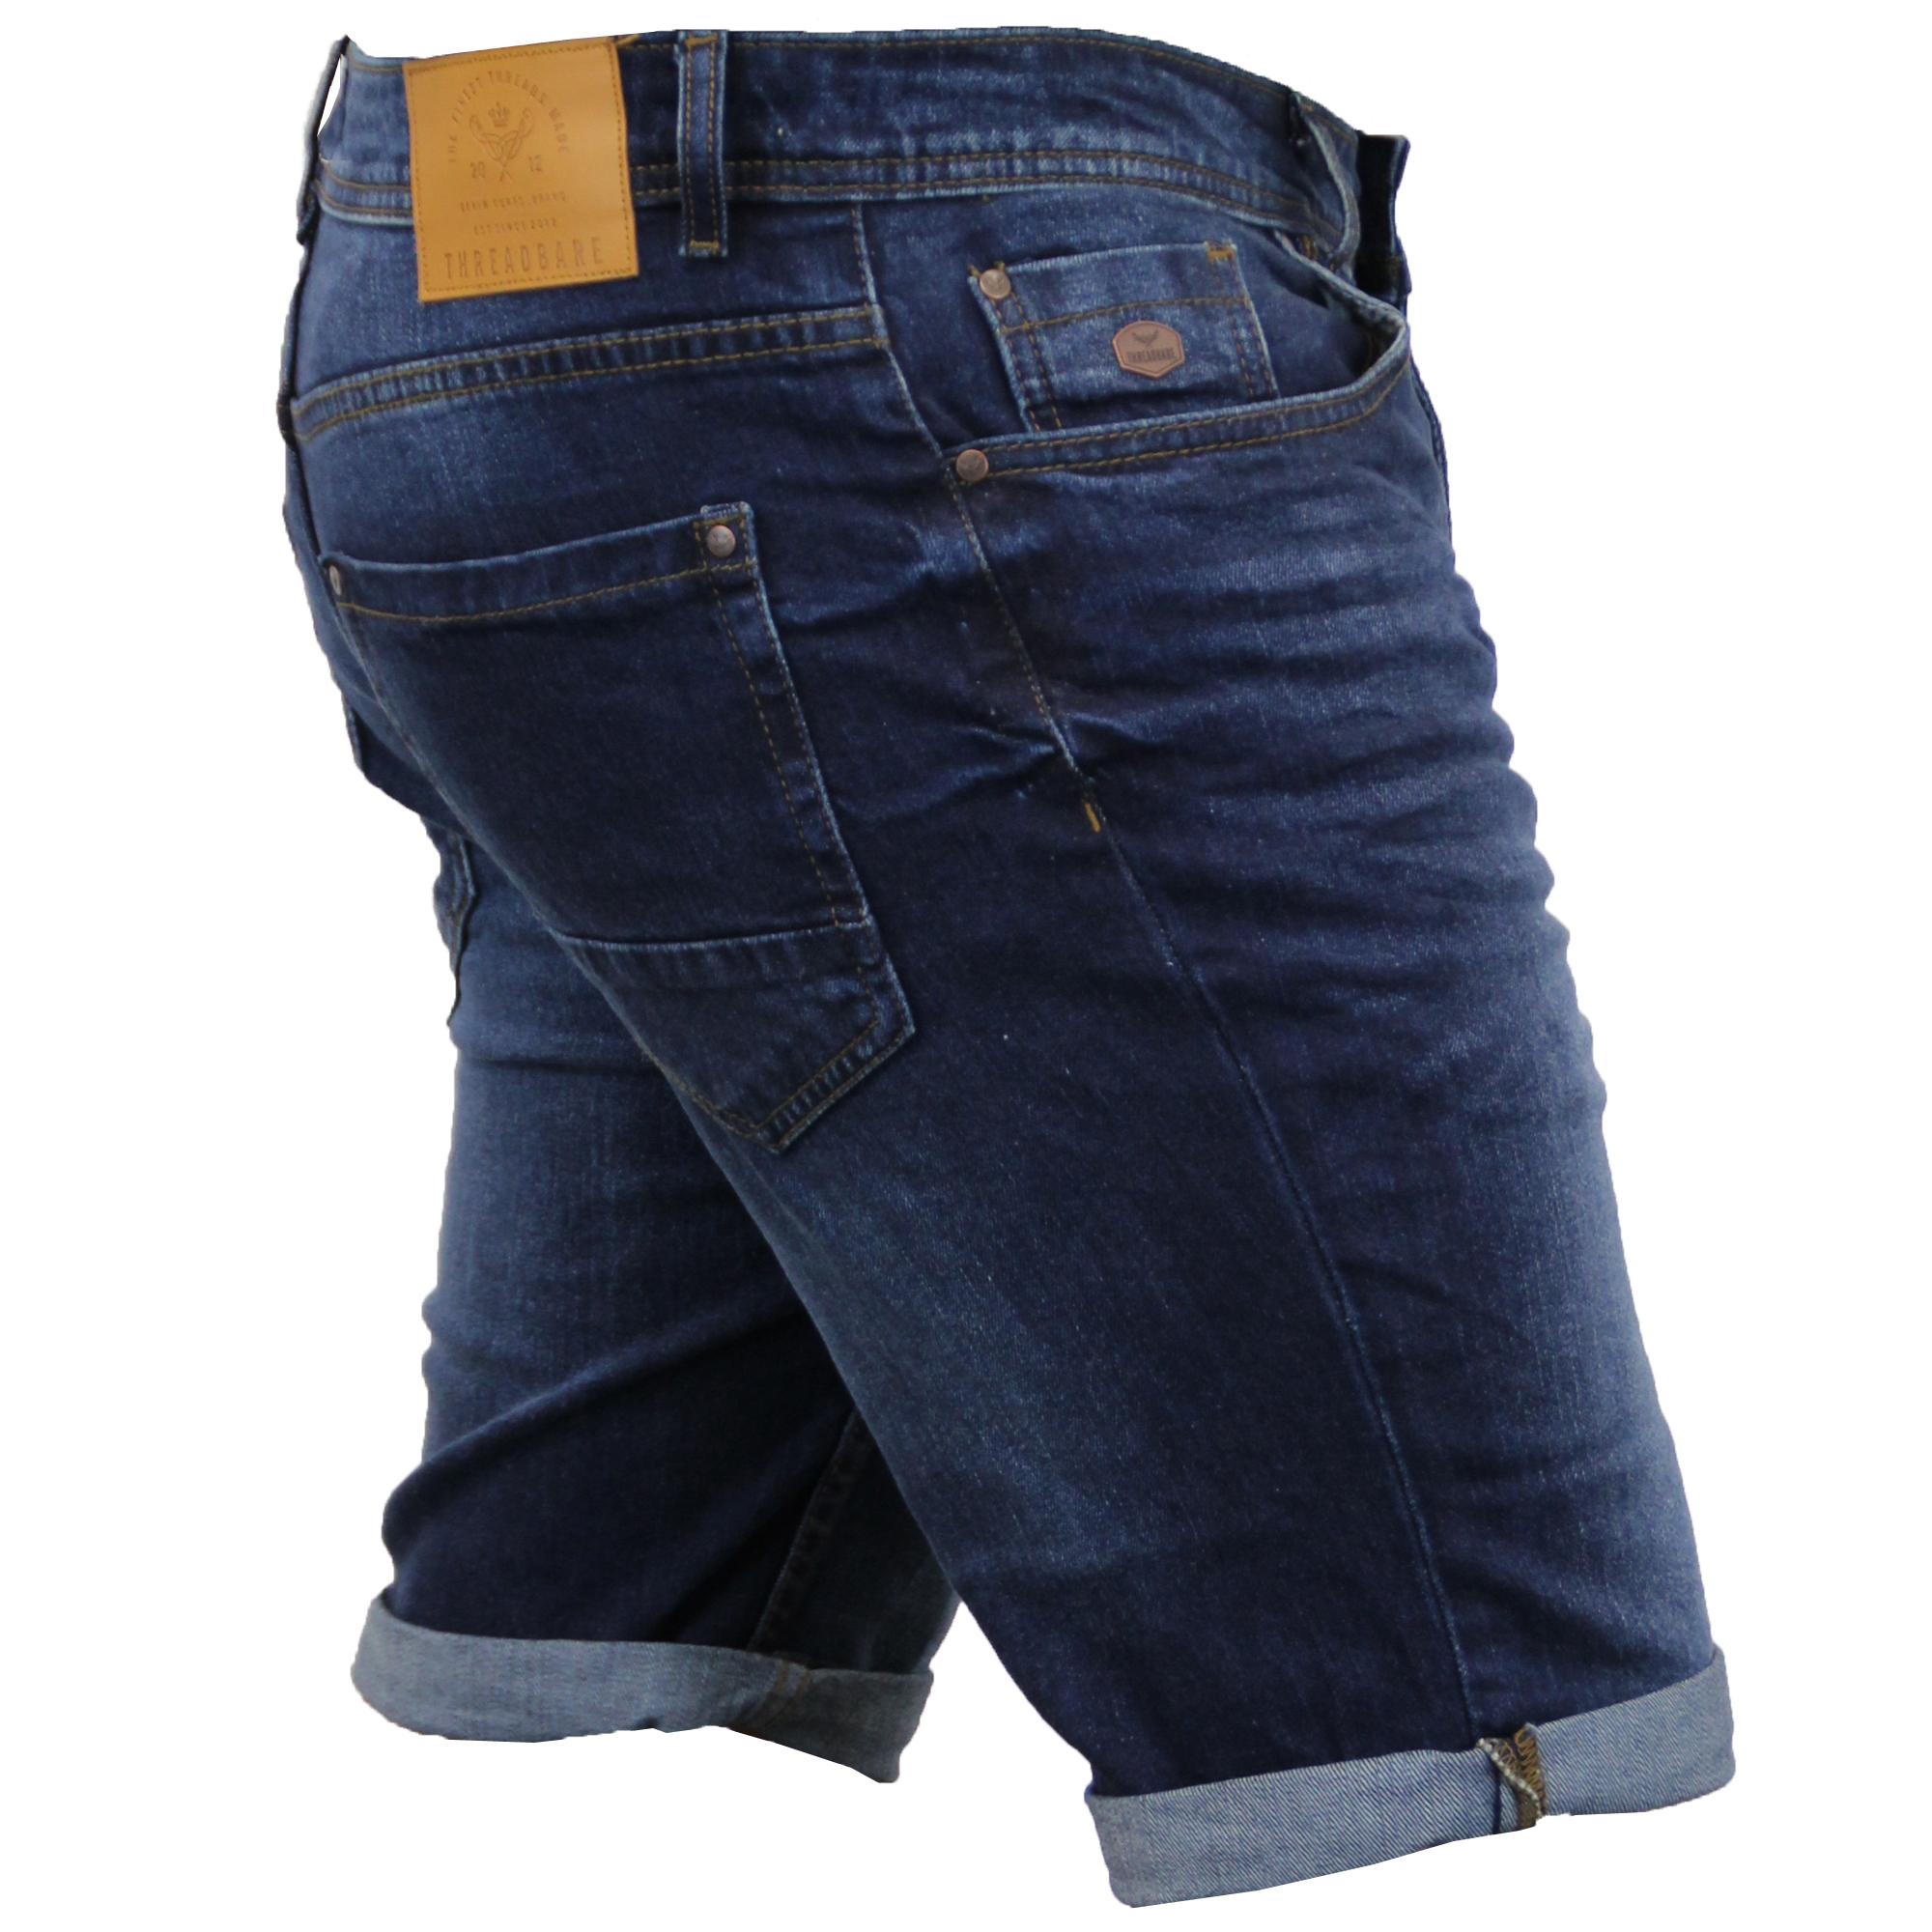 Mens Short Rise Jeans